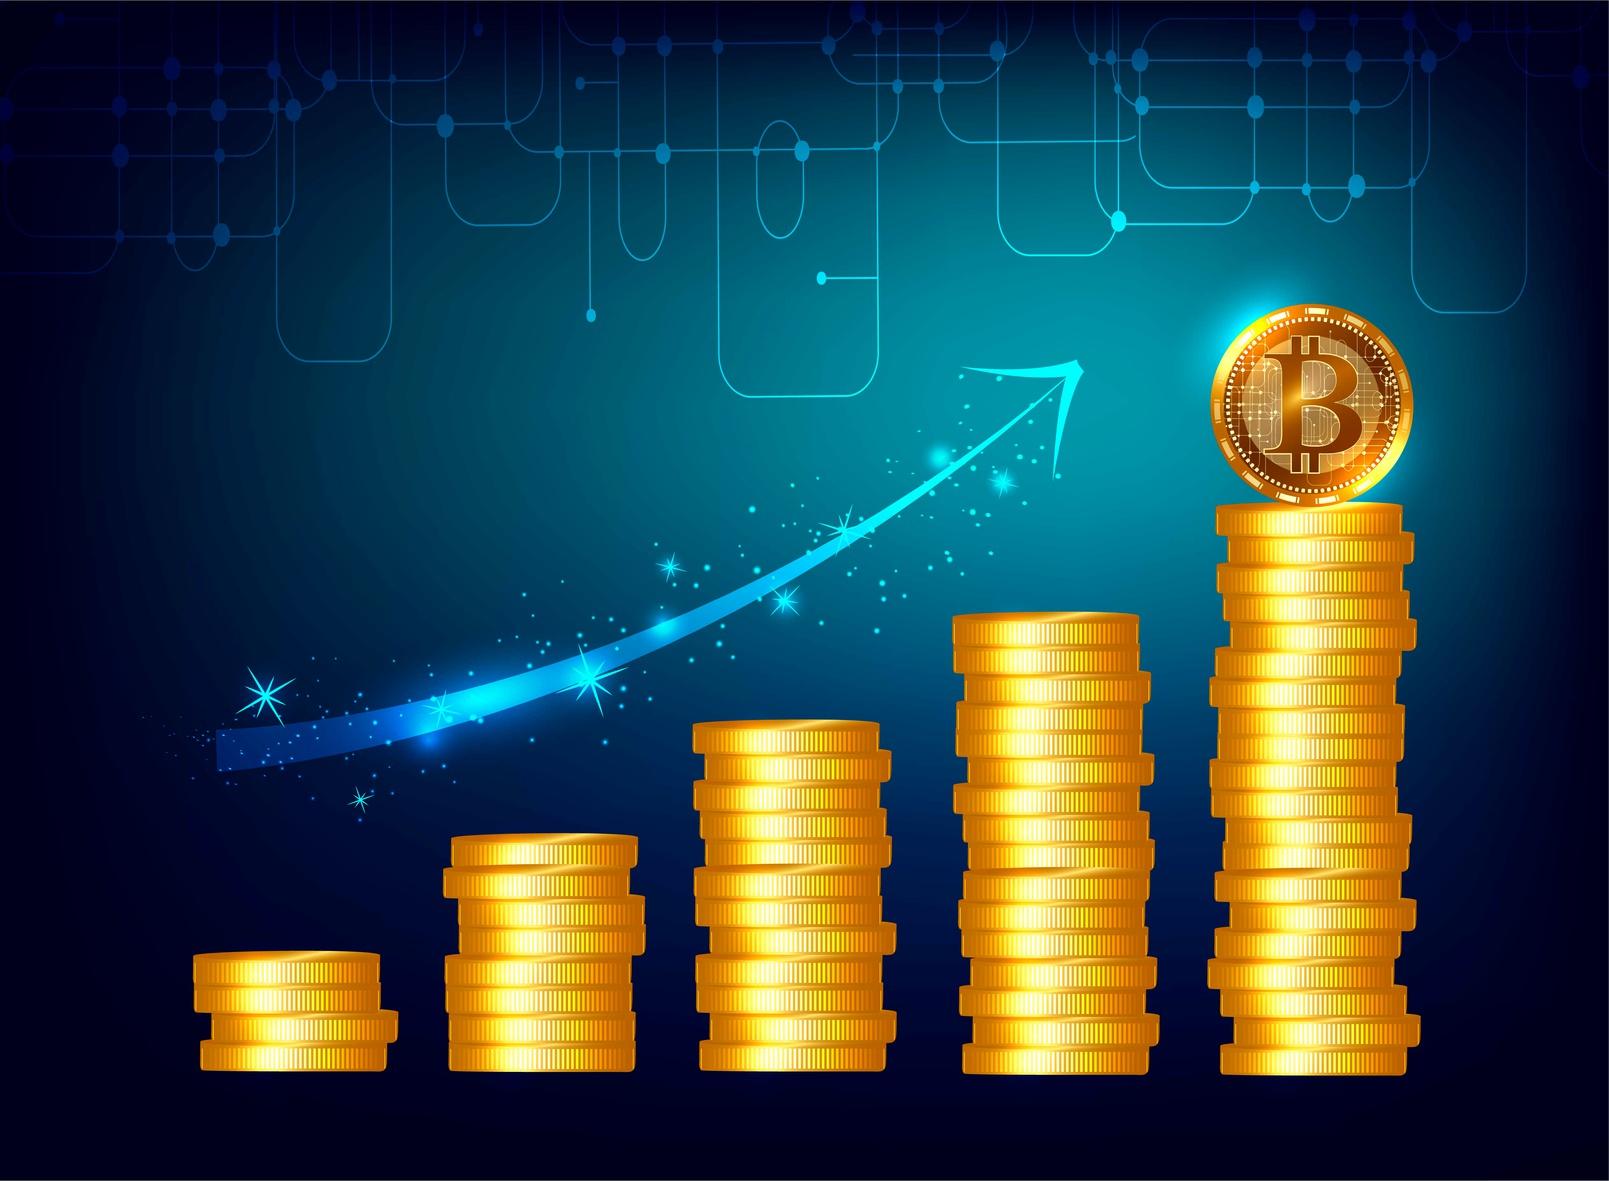 仮想通貨とは何か?仕組みをわかりやすく解説!認知度は進んだが今後の動向はどうなるのか